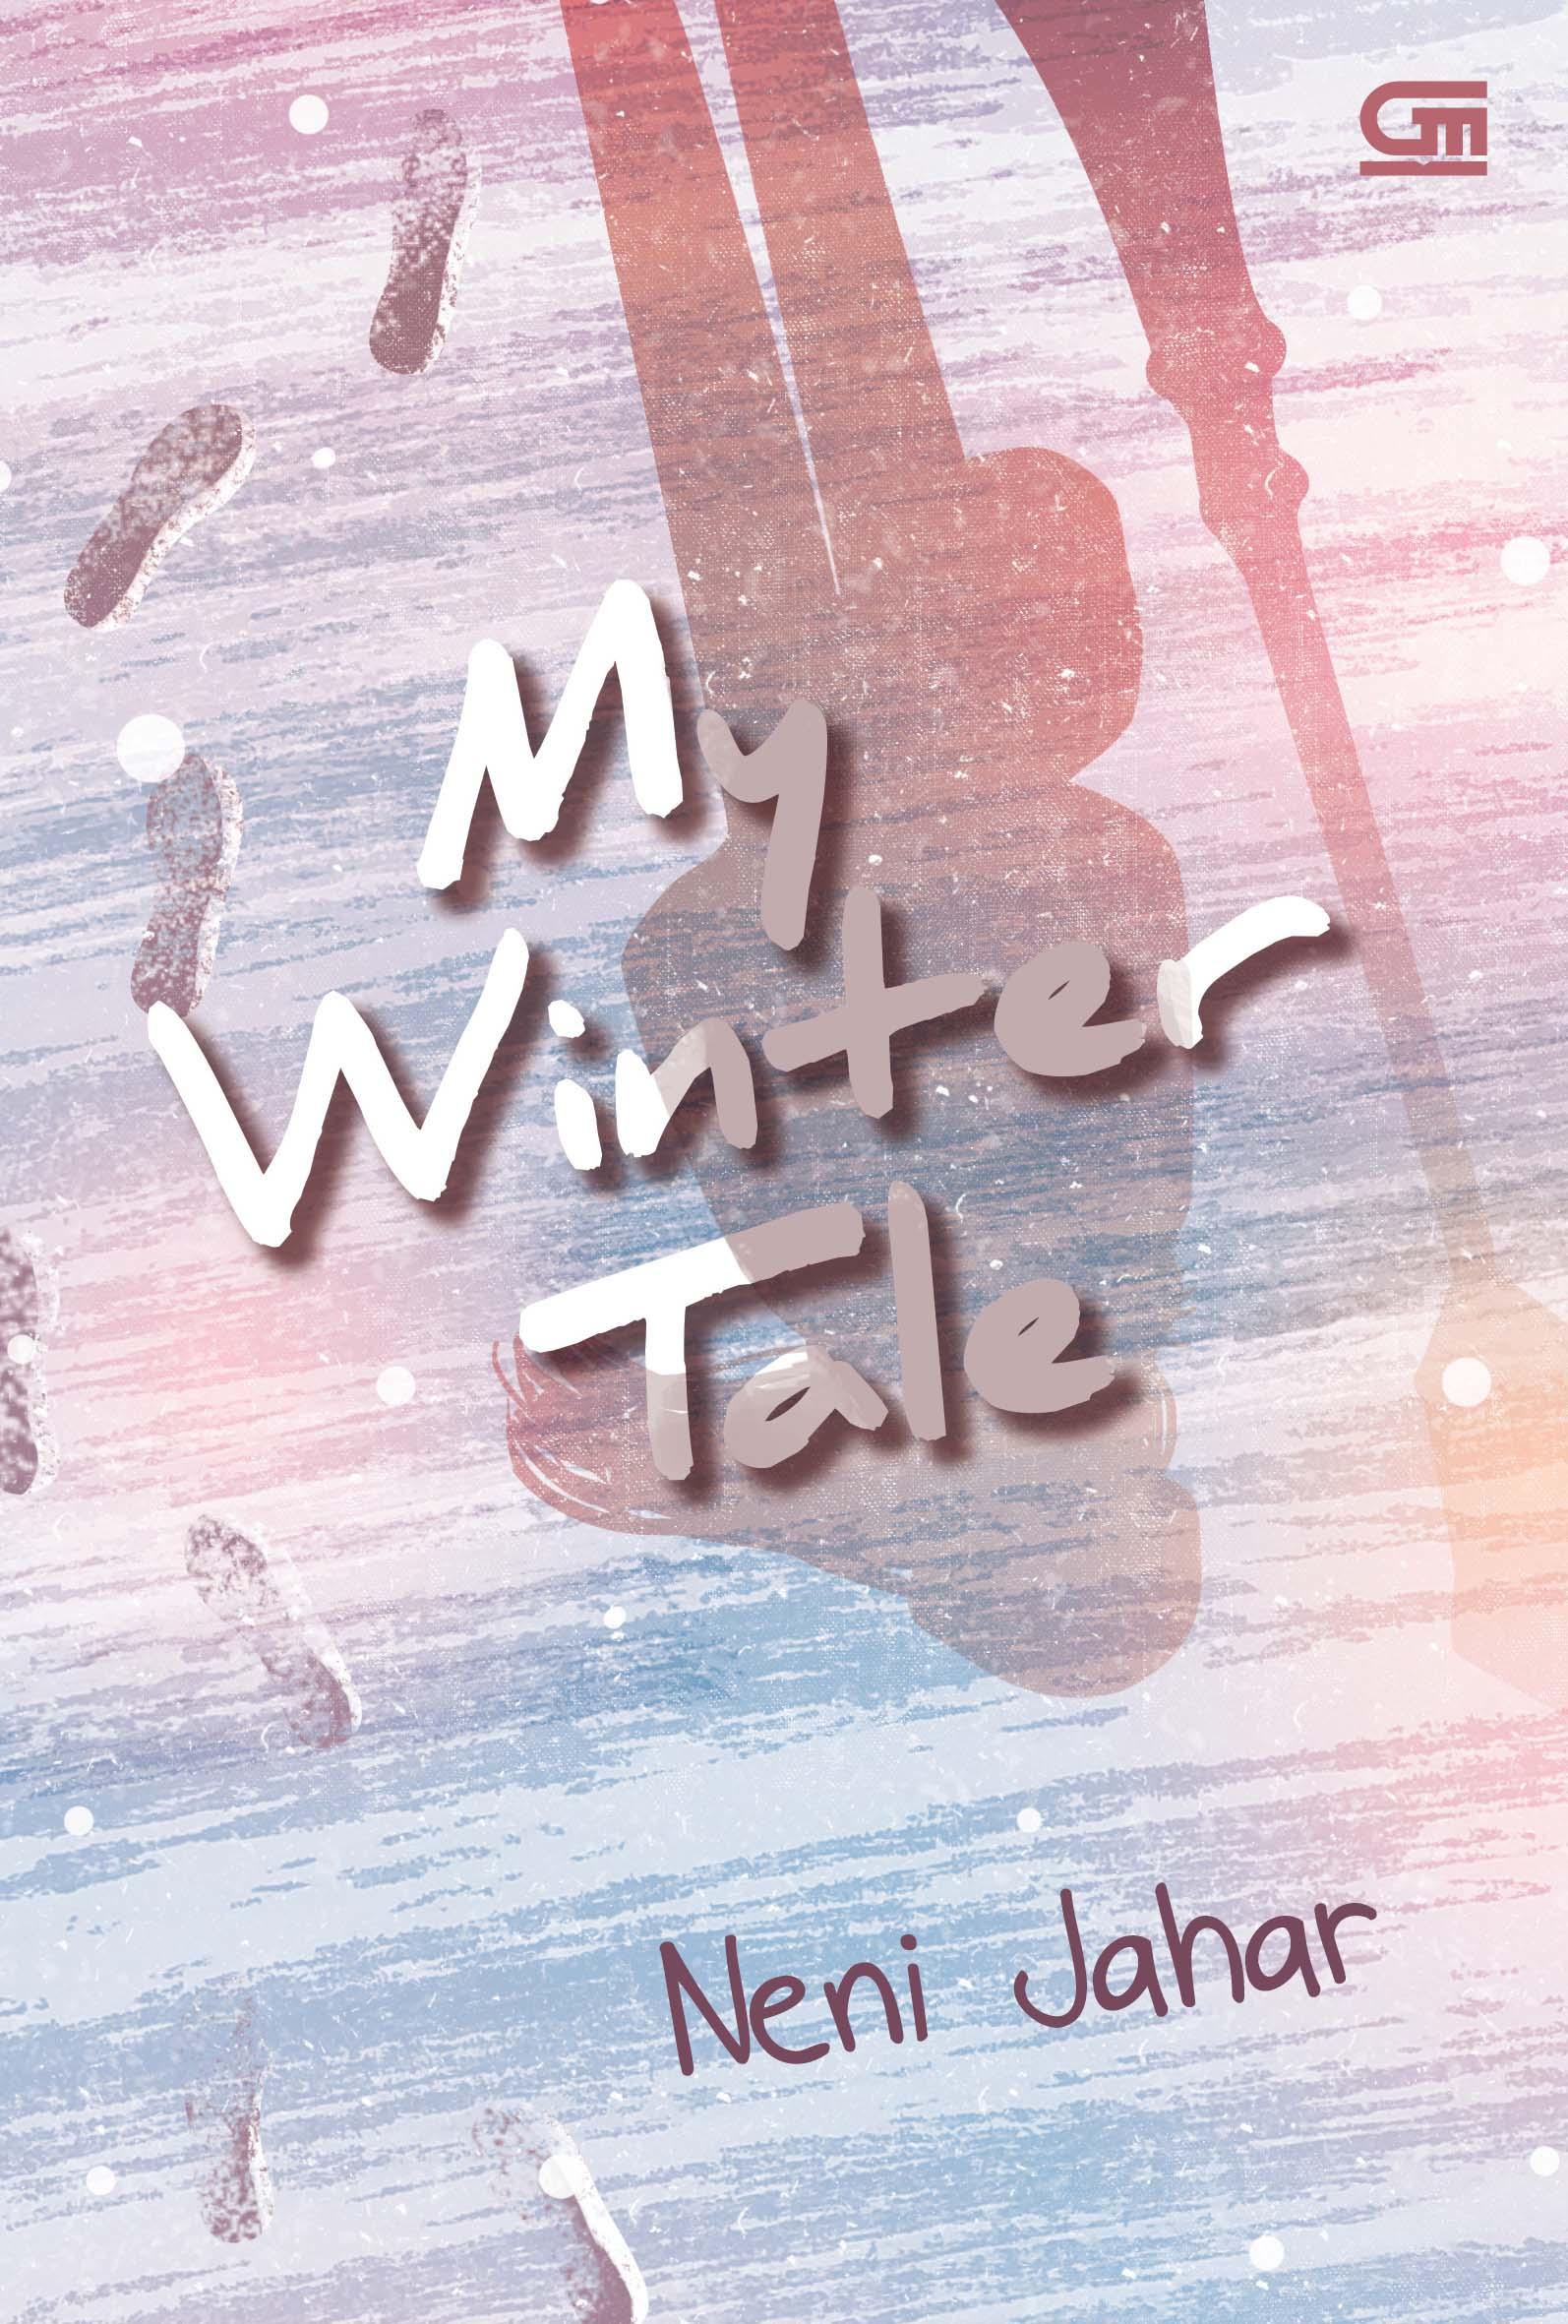 My Winter Tale